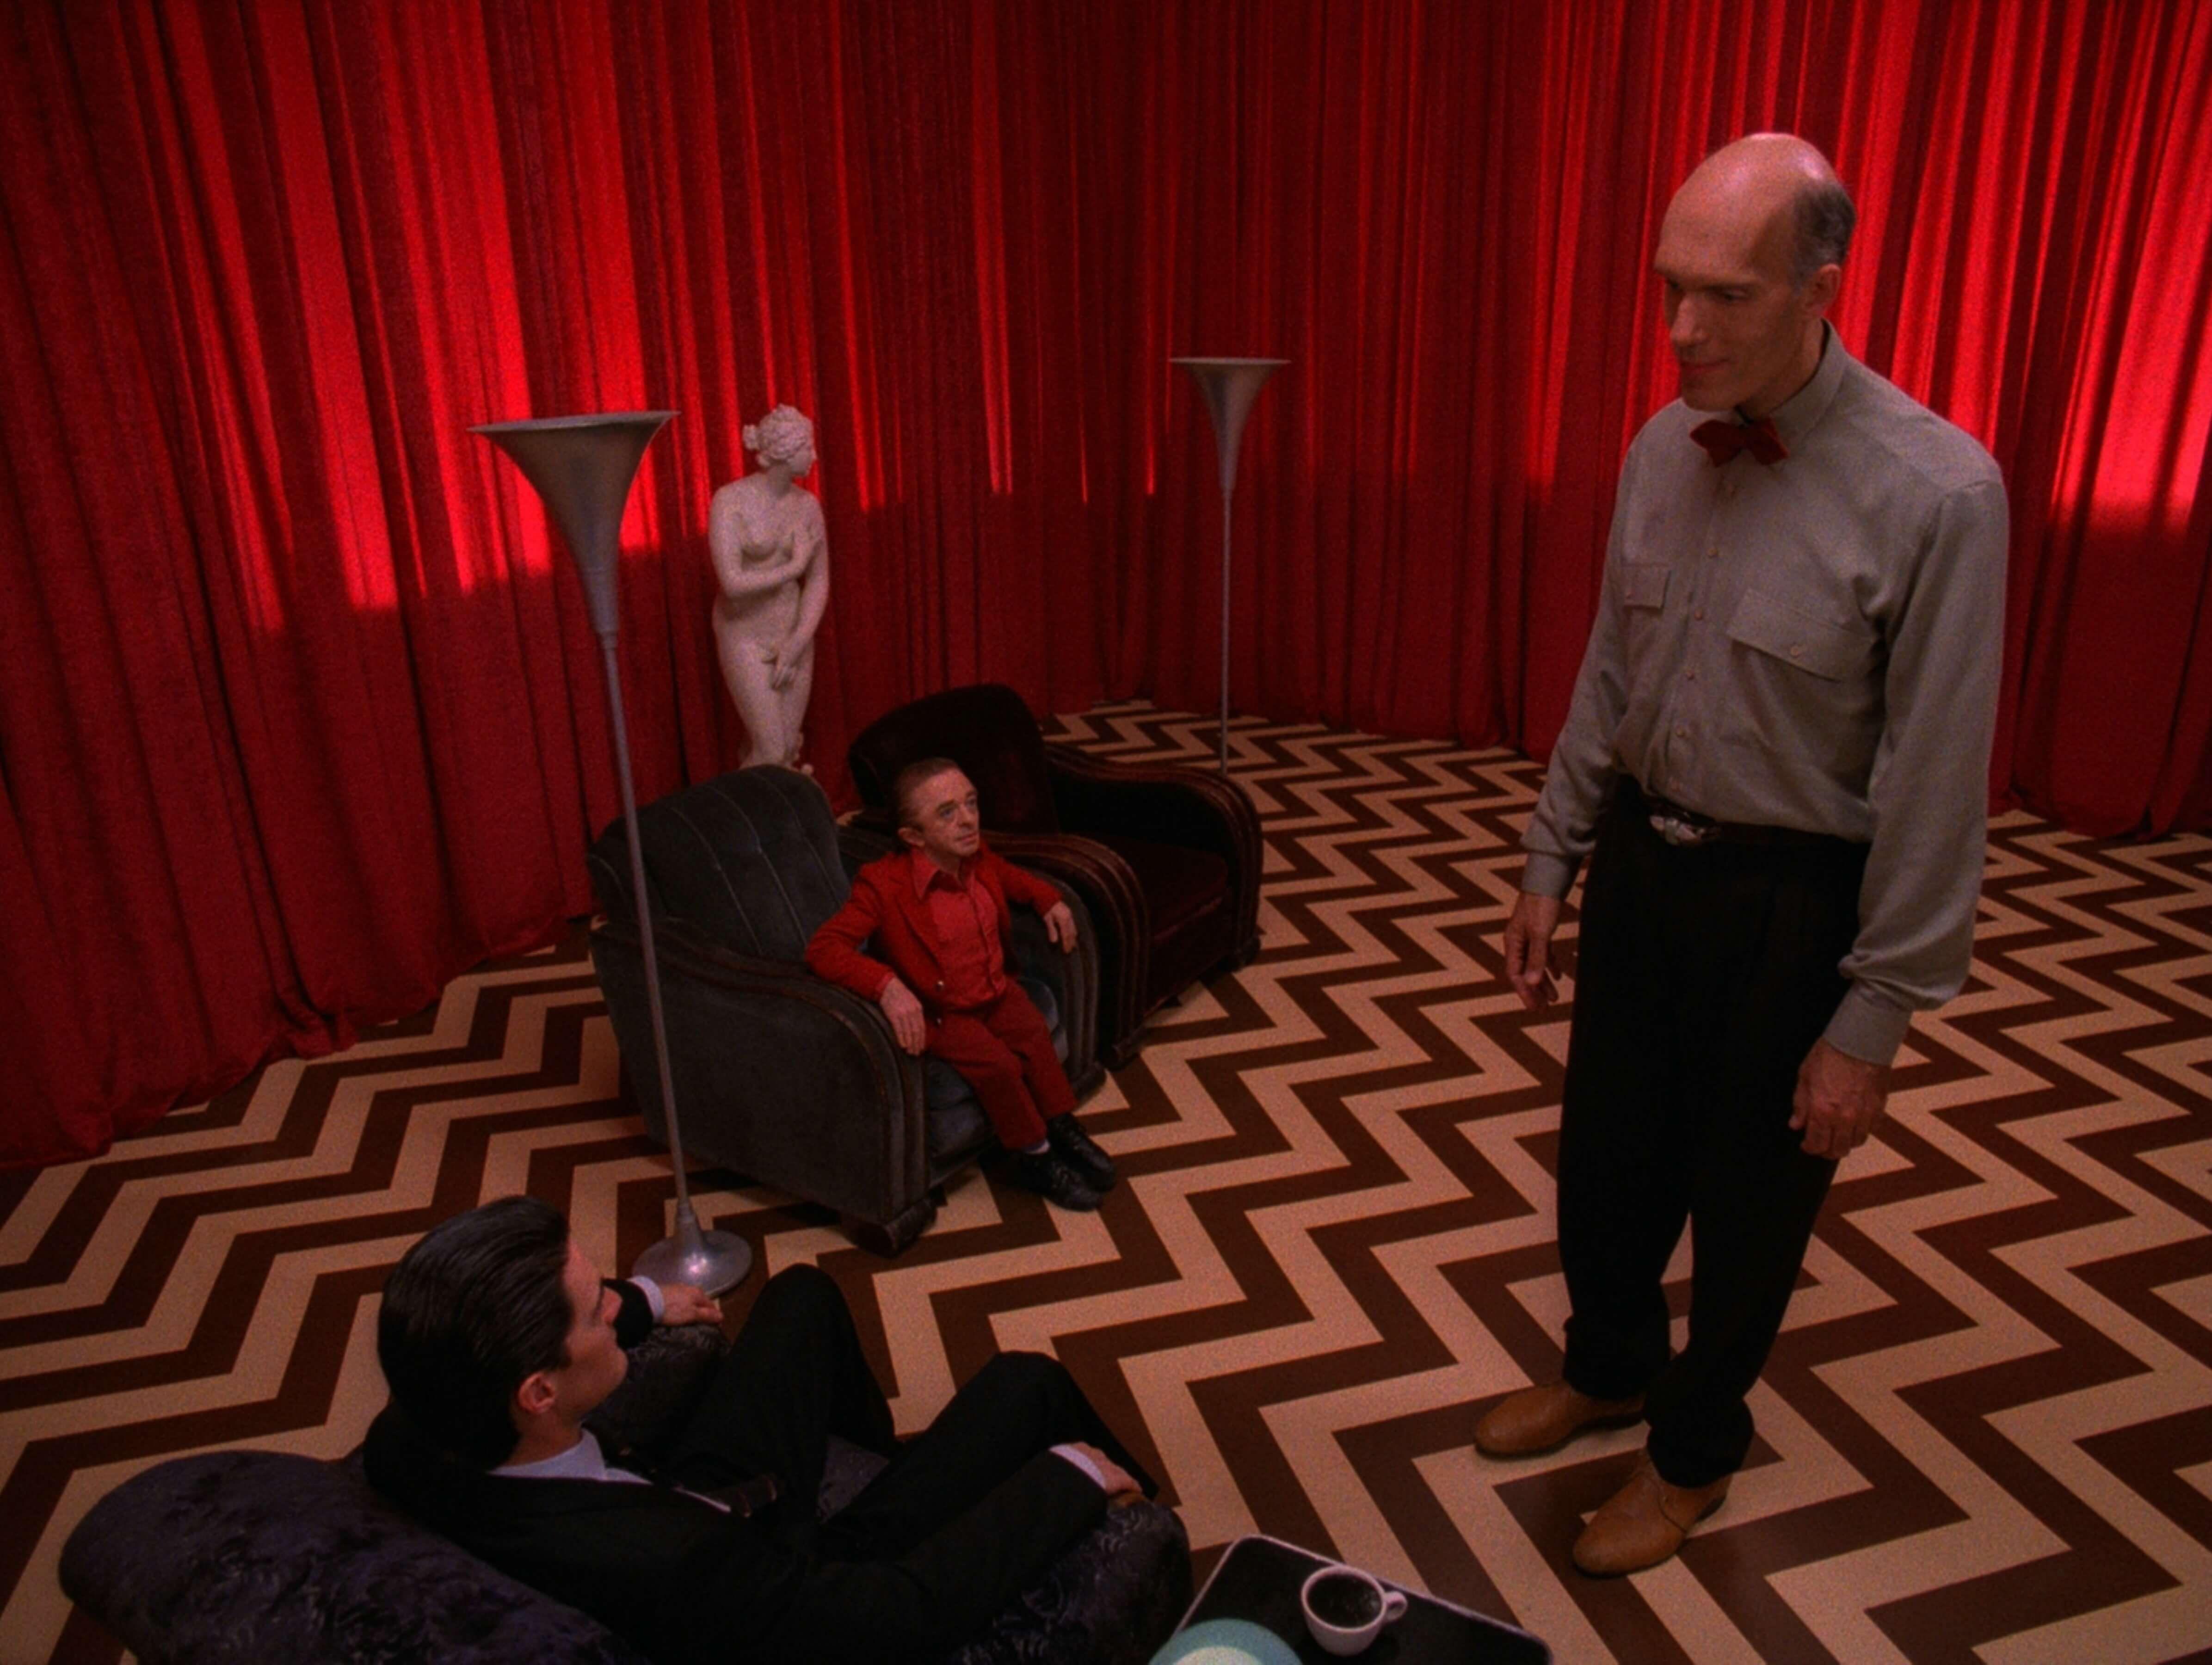 Знаменитая «красная комната» всериале «Твин Пикс». Источник: imdb.com